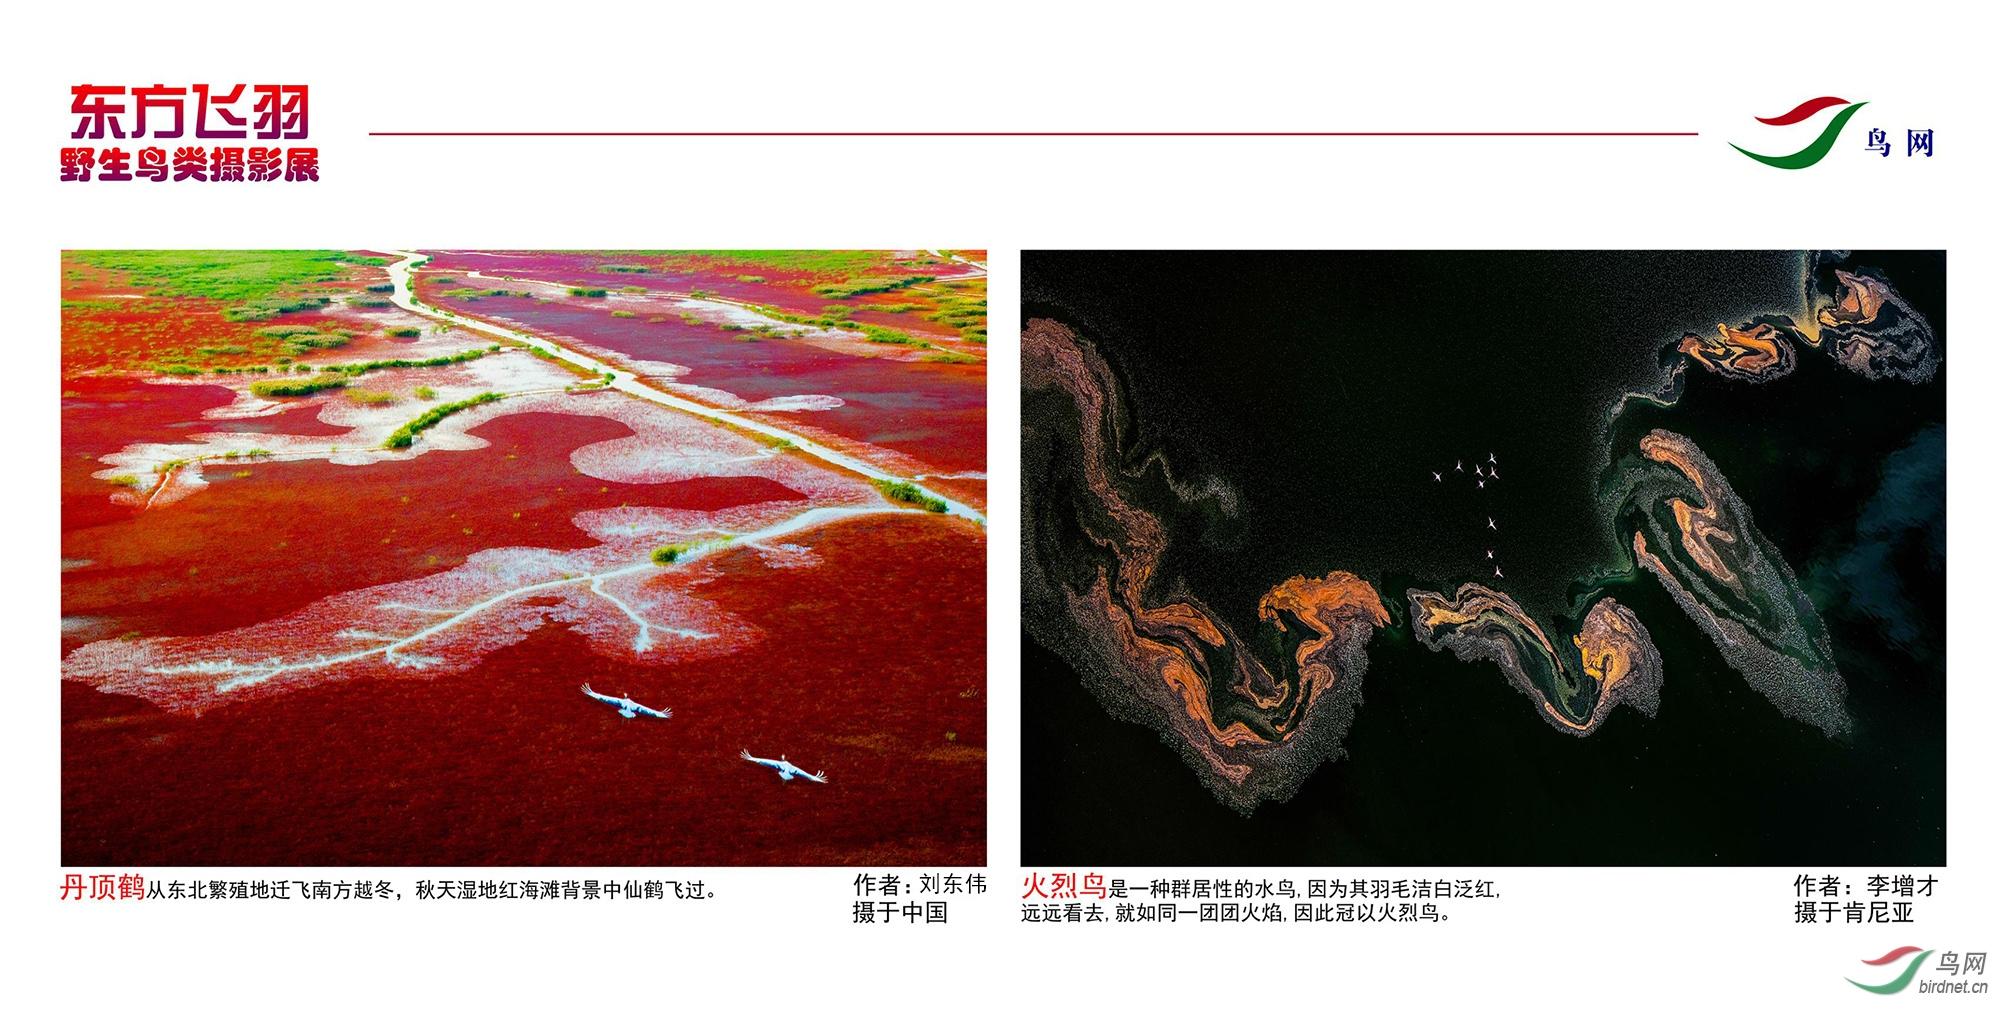 1_东方明珠摄影展照片_30.jpg